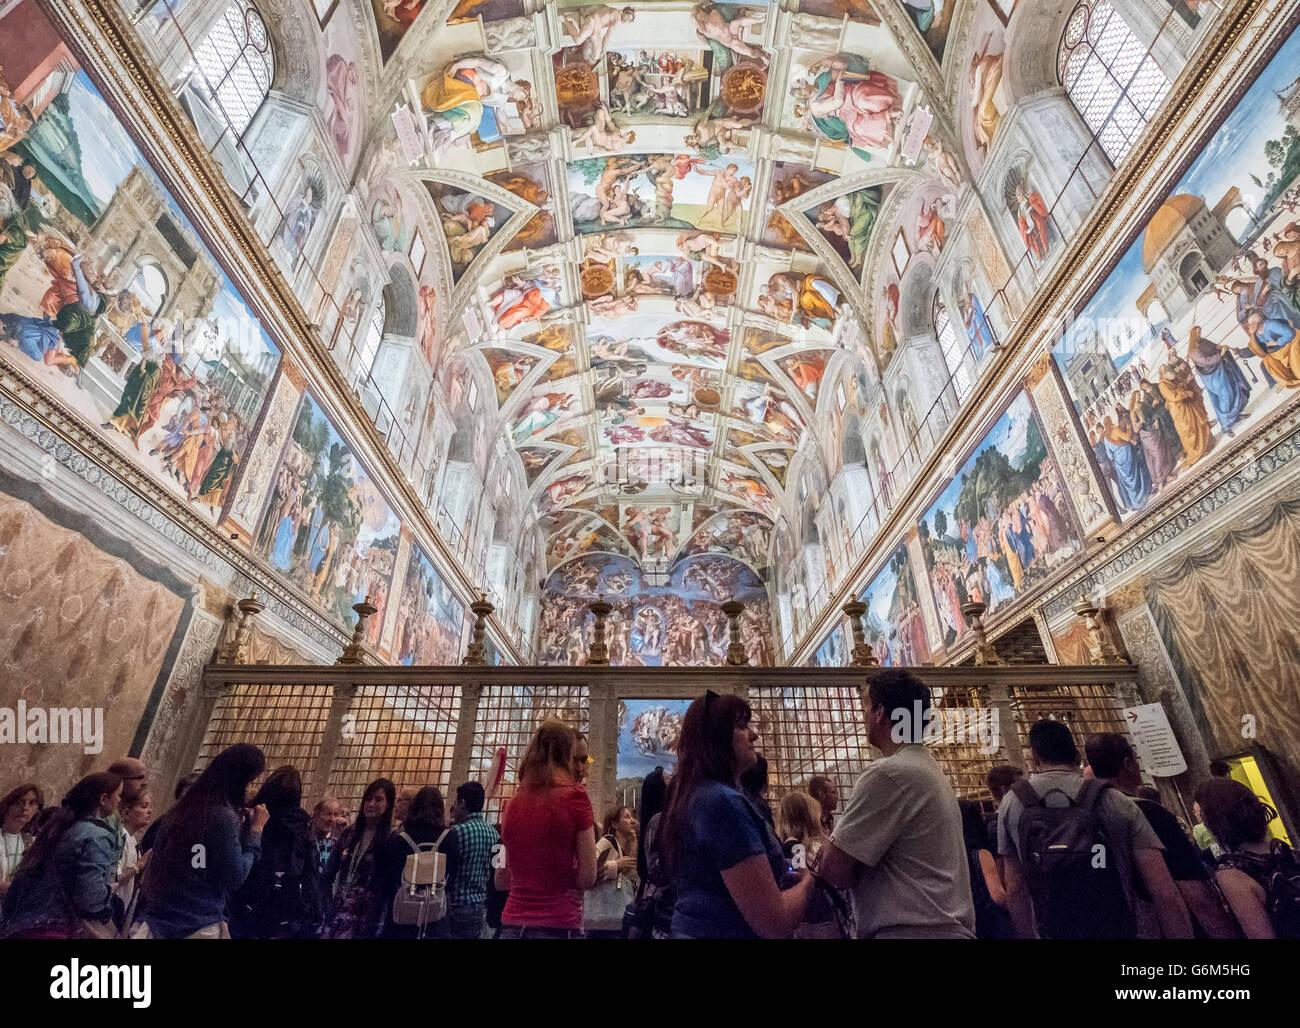 Touristen auf der Suche an Decke in der Sixtinischen Kapelle im Vatikan Museum in Rom, Italien Stockbild